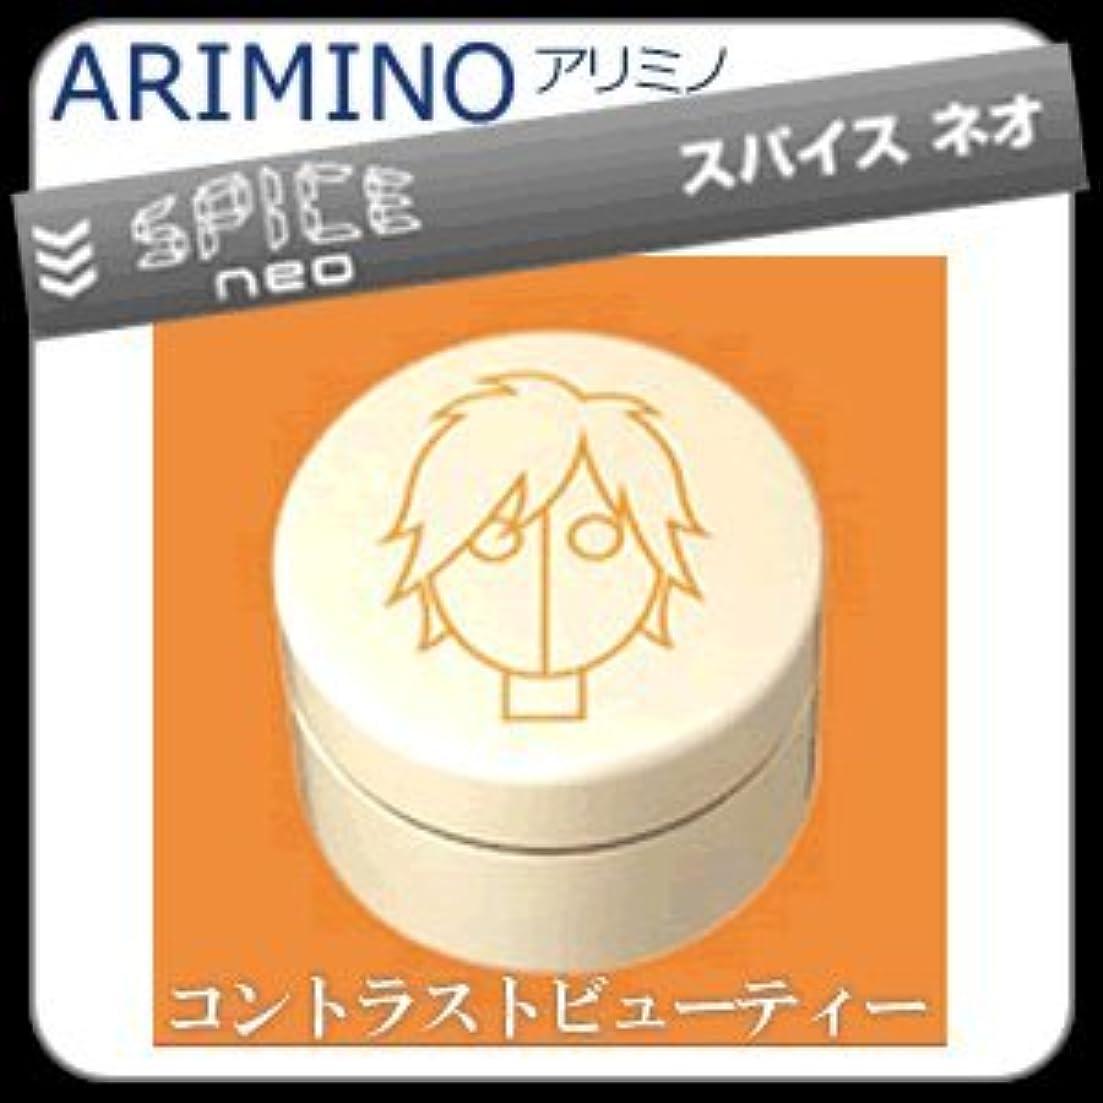 記述するリビジョンこどもの日【X2個セット】 アリミノ スパイスネオ LIGHT HARD-WAX ライトハードワックス 100g ARIMINO SPICE neo